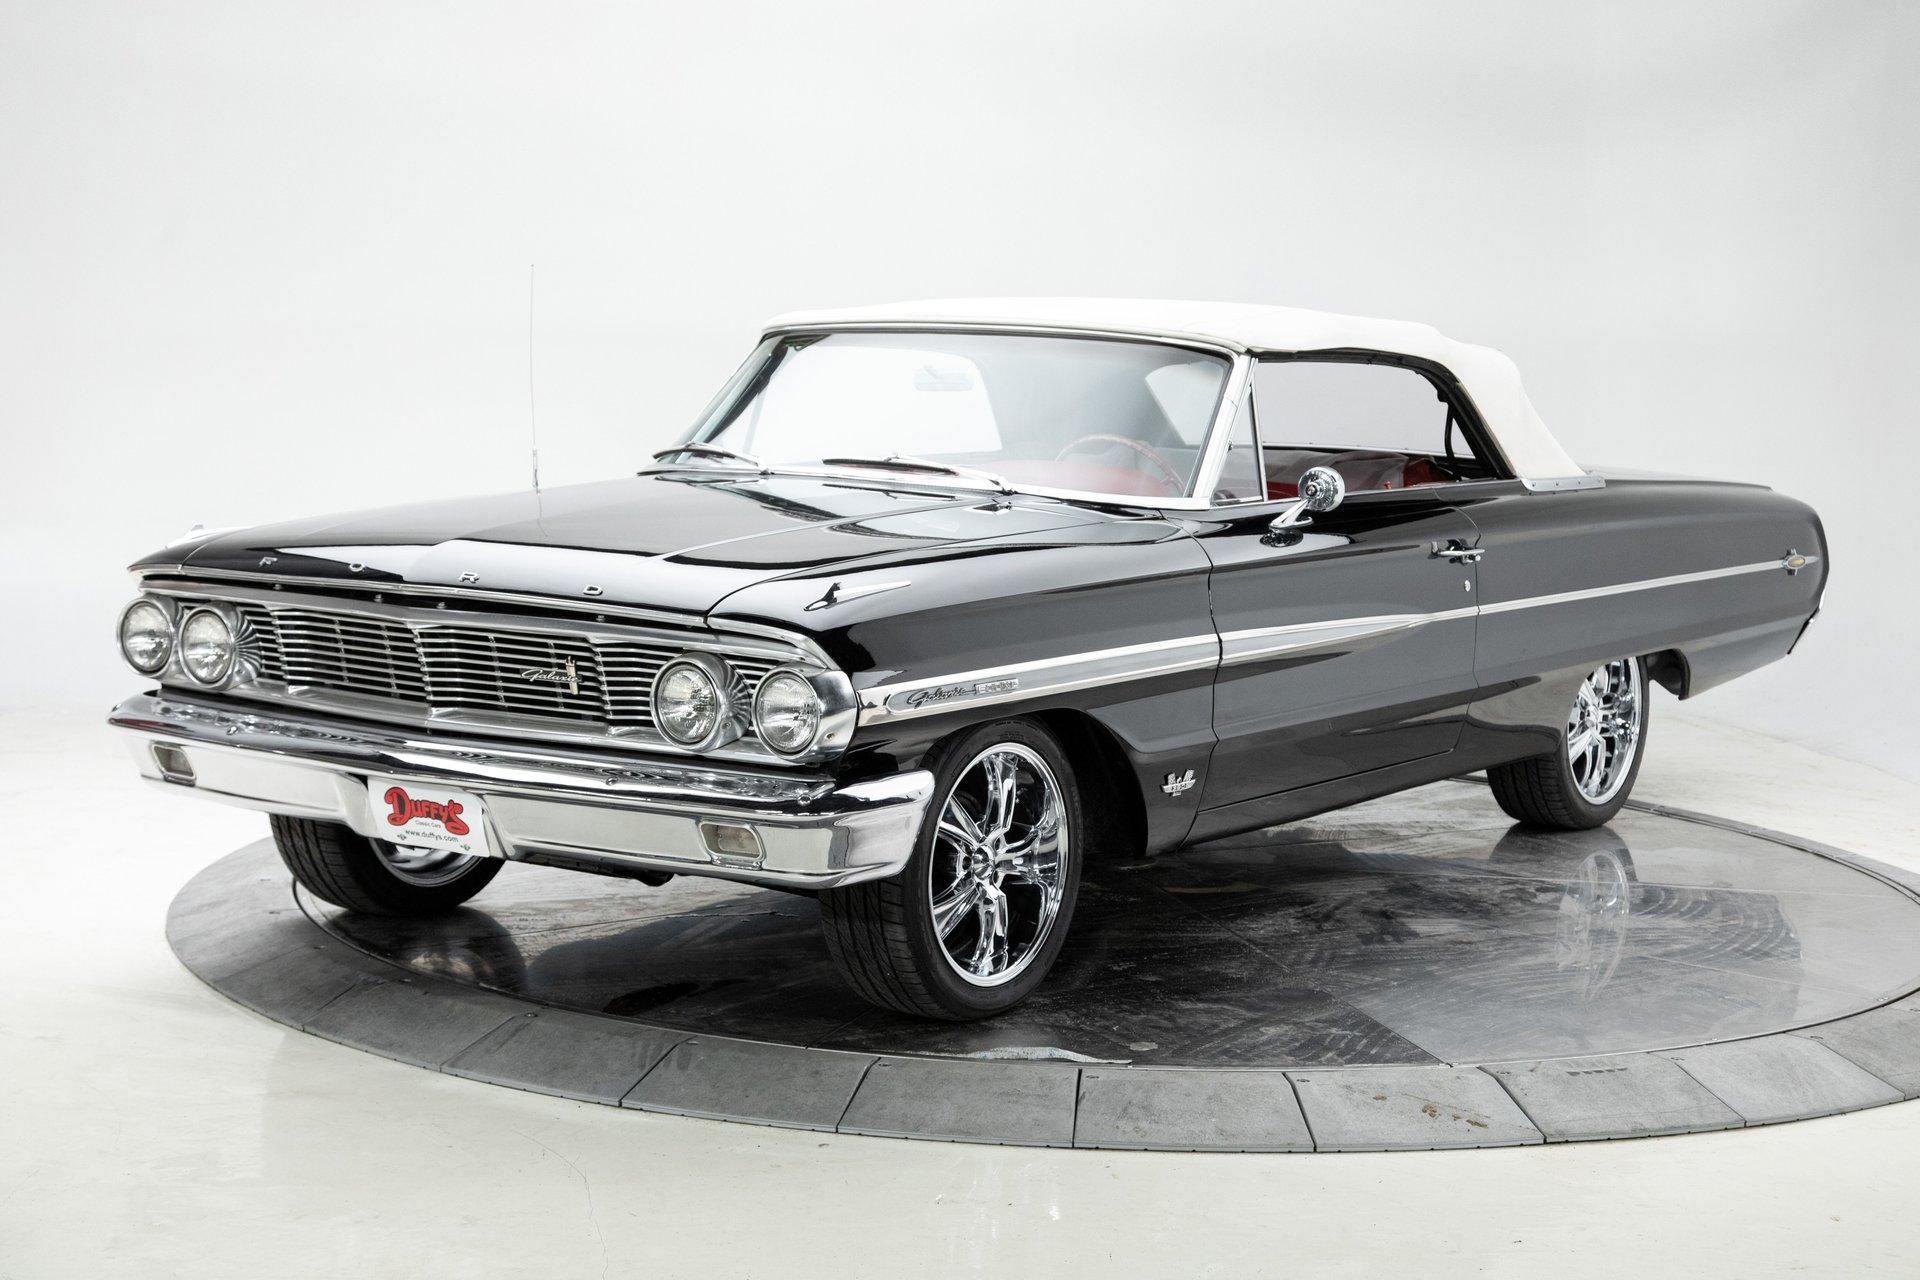 1964 フォード 390 ギャラクシー XL 500